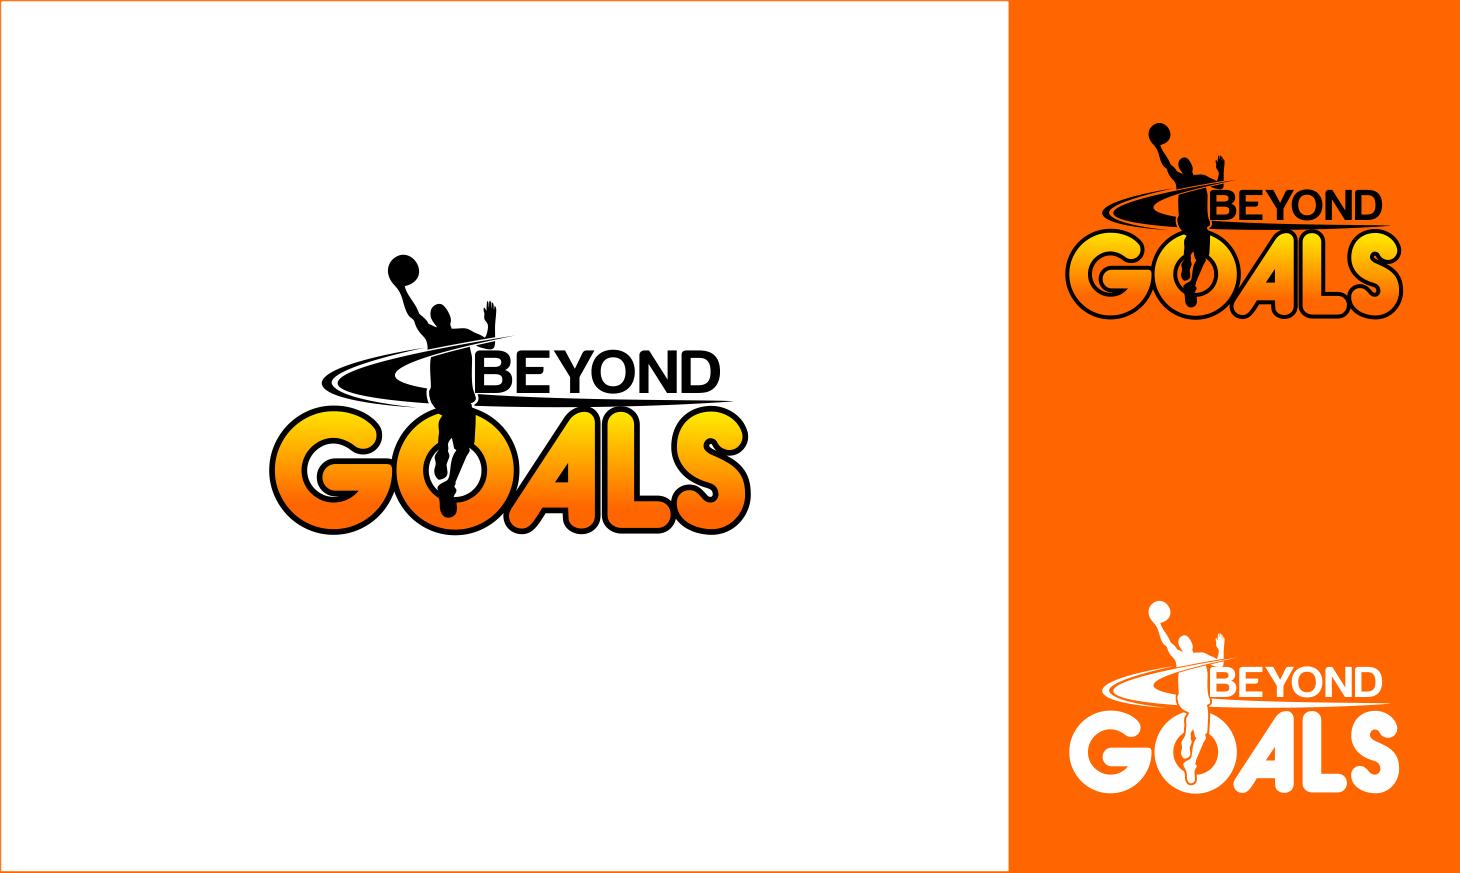 Logo Design by Agus Martoyo - Entry No. 133 in the Logo Design Contest Beyond Goals Logo Design.